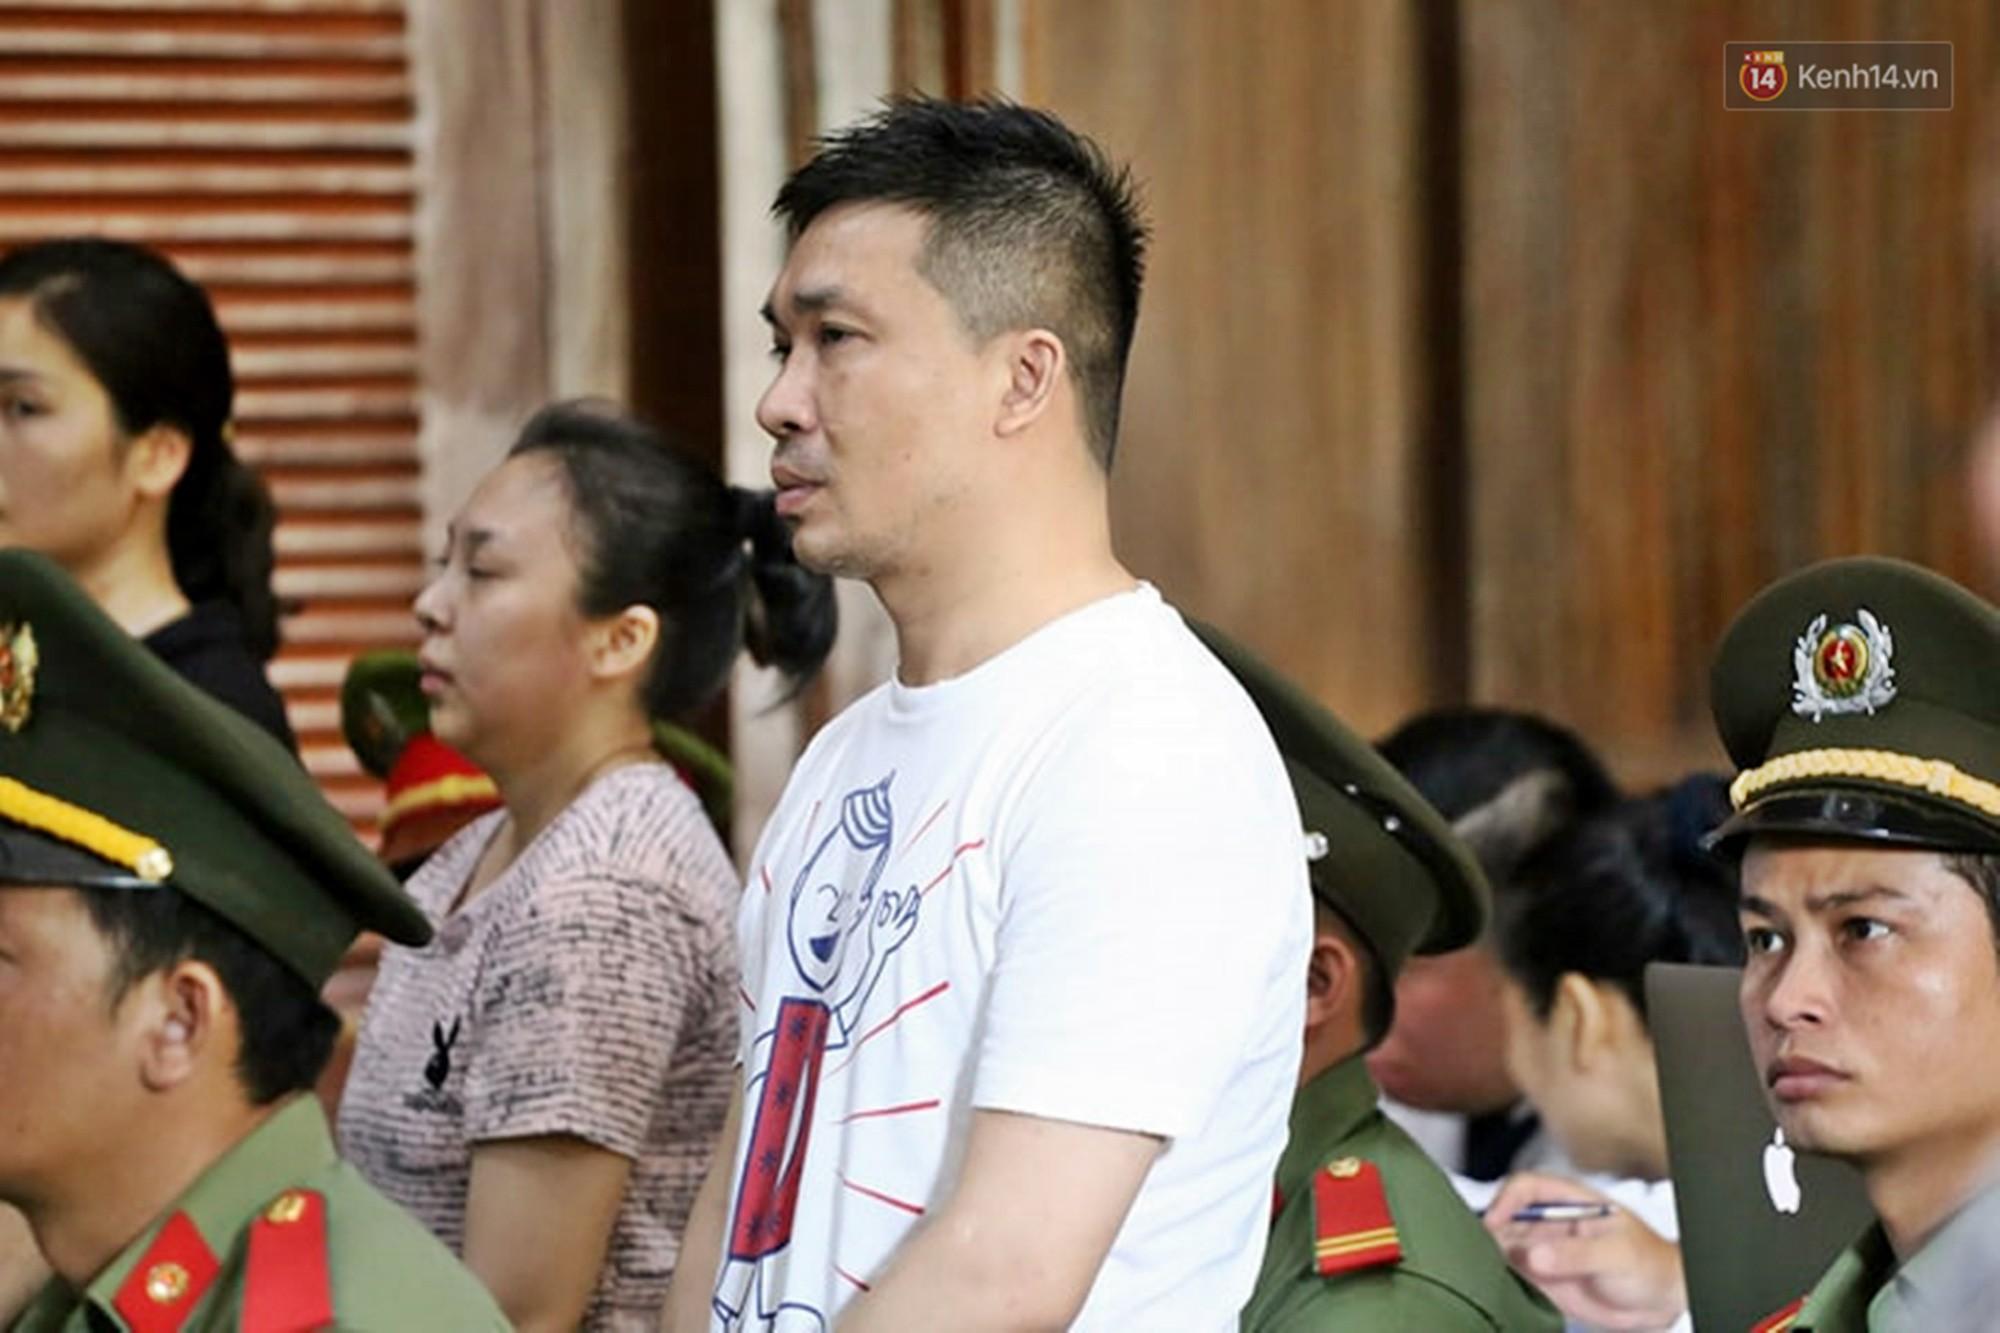 Ông trùm Văn Kính Dương vẫn cười dù bị đề nghị tử hình, hotgirl Ngọc Miu bật khóc khi VKS đưa mức án 20 năm tù - Ảnh 11.